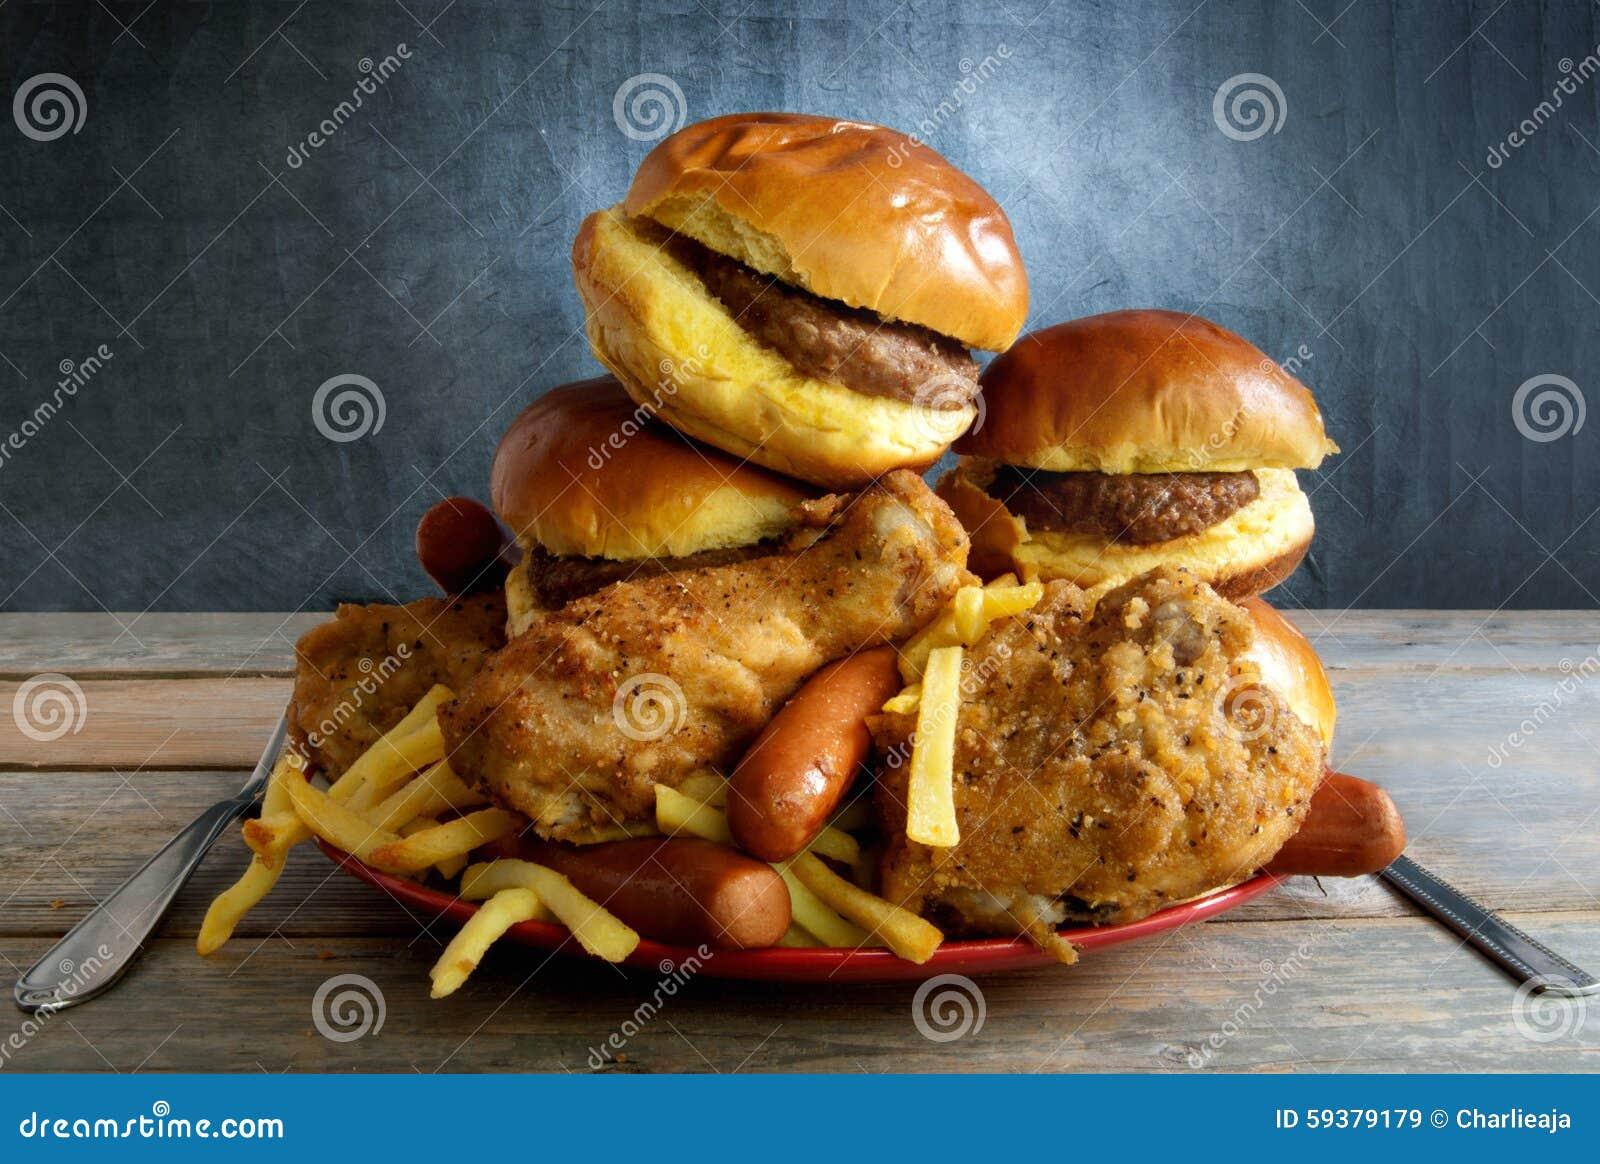 Dieta de comida lixo